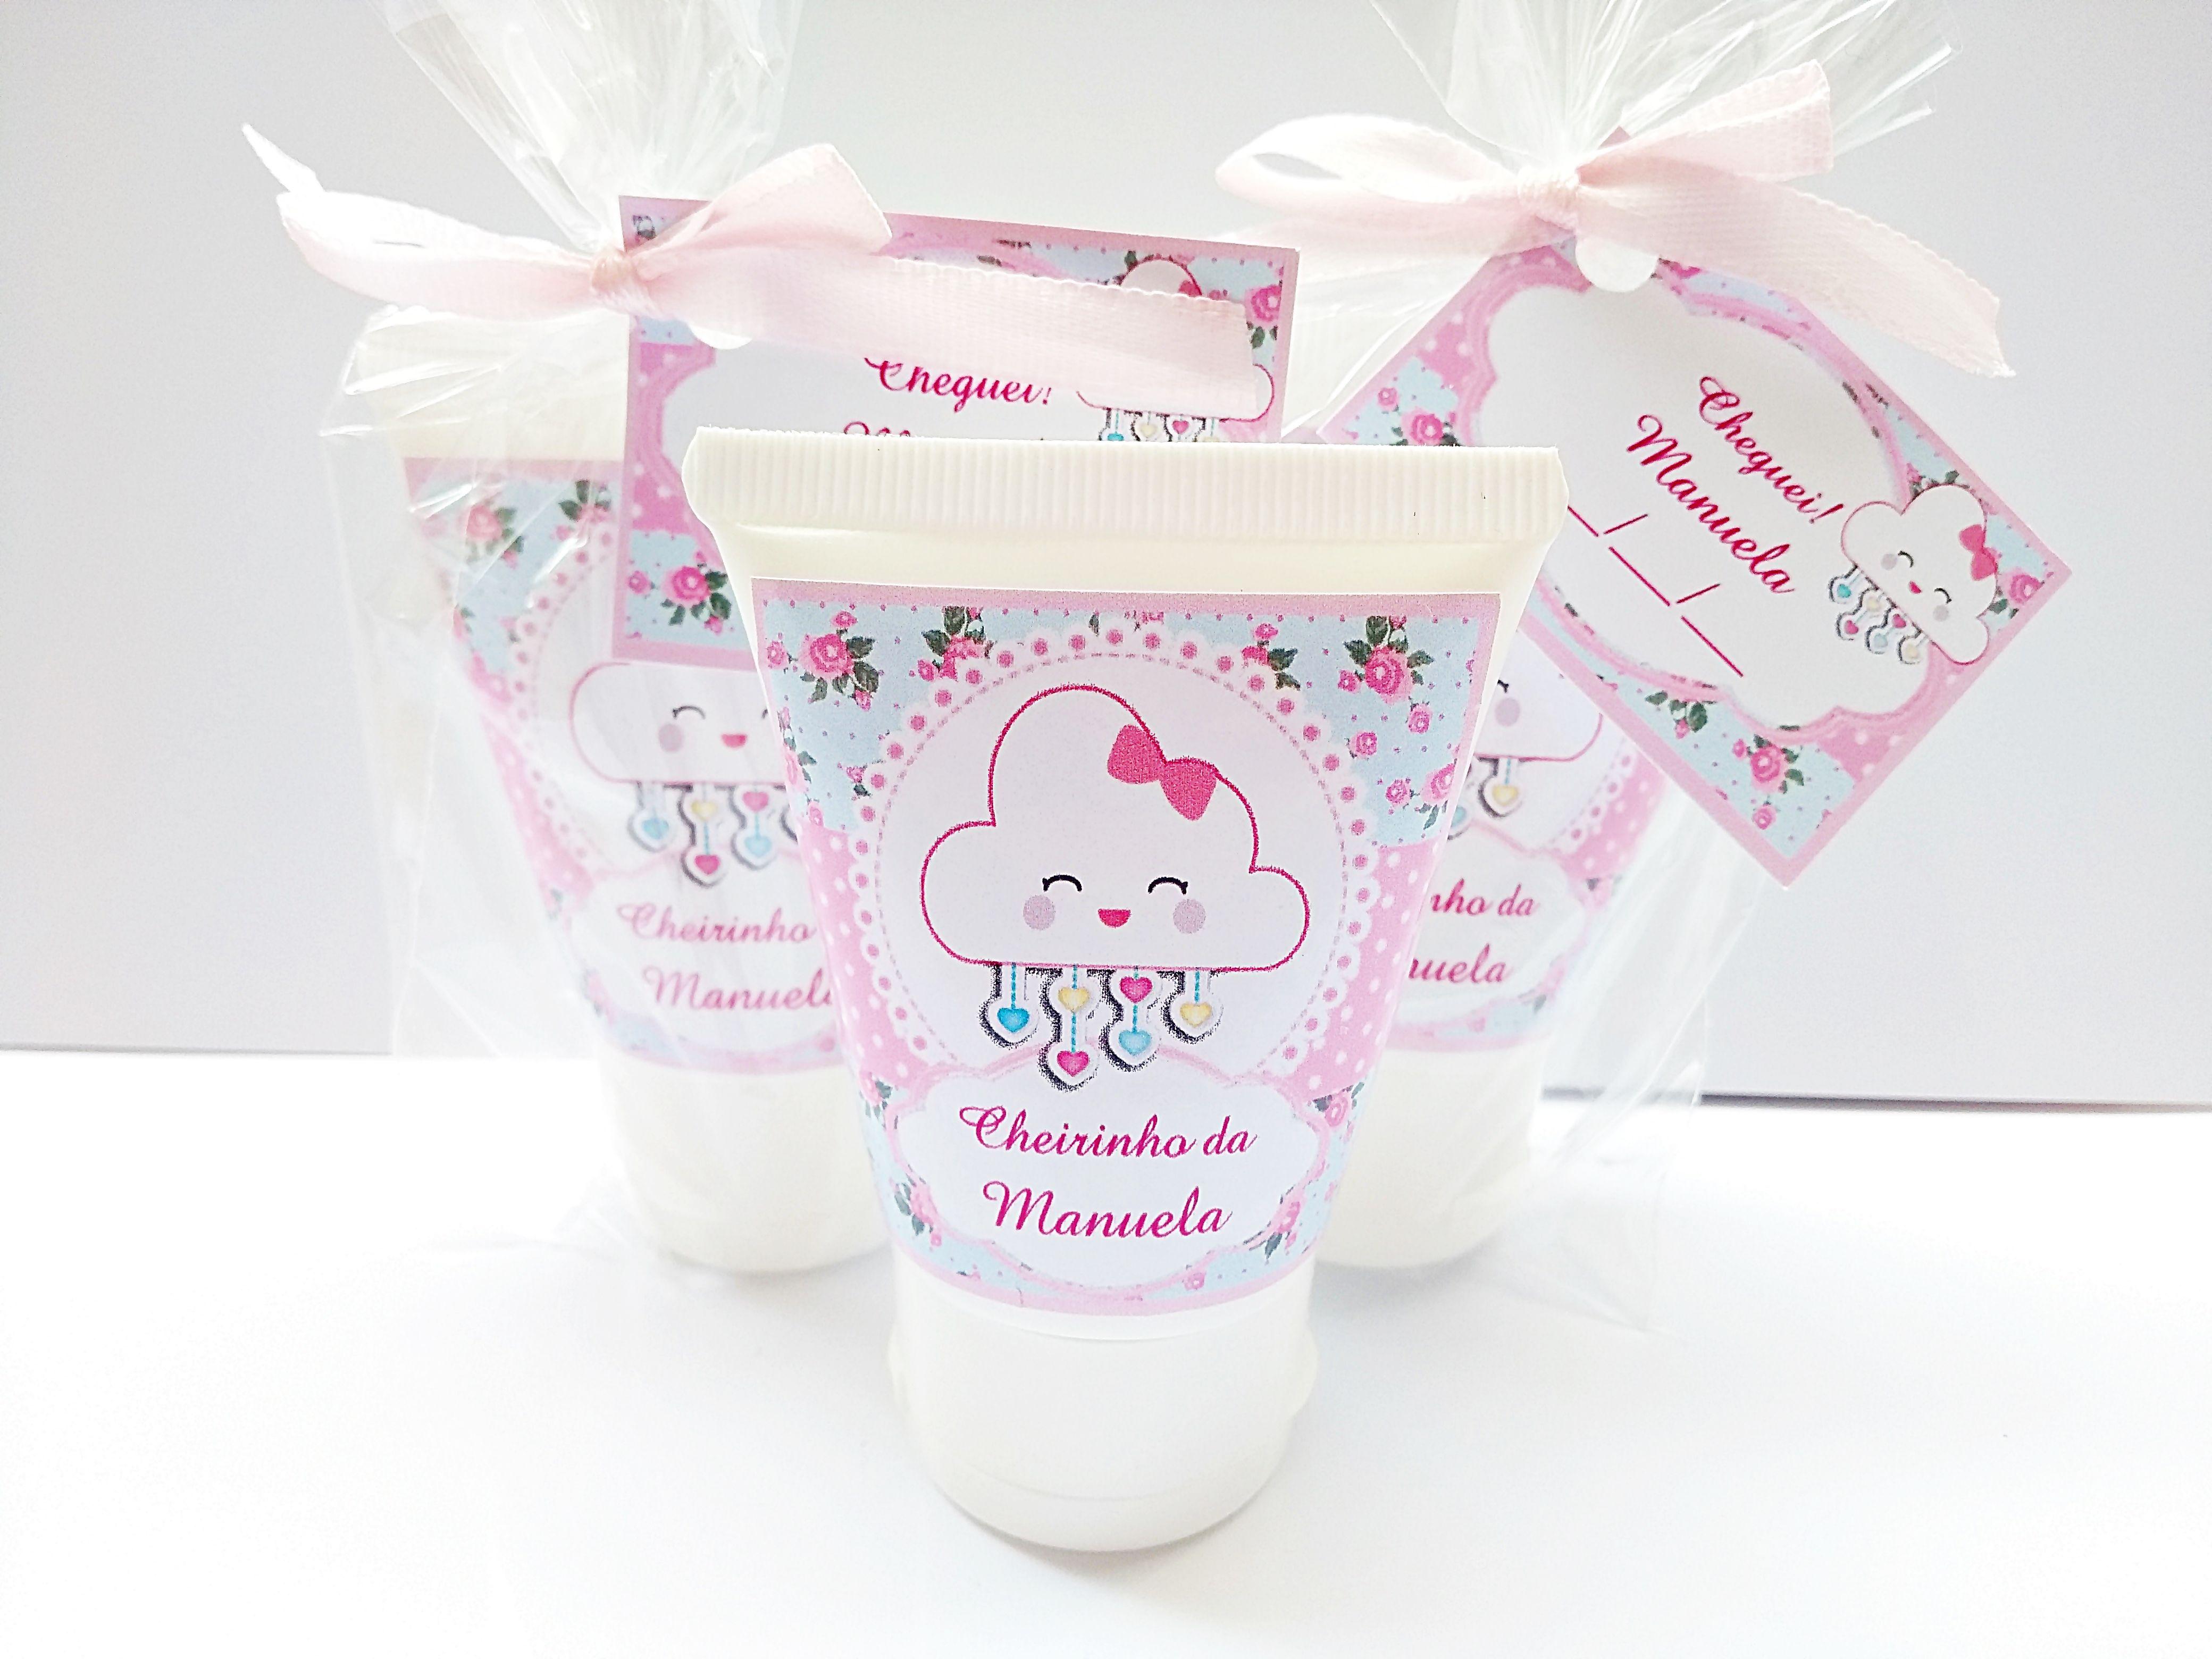 lembrancinha maternidade nascimento batizado aniversário sabonete líquido  chá de bebê chá de fralda nuvem nuven nuvem a94f272910